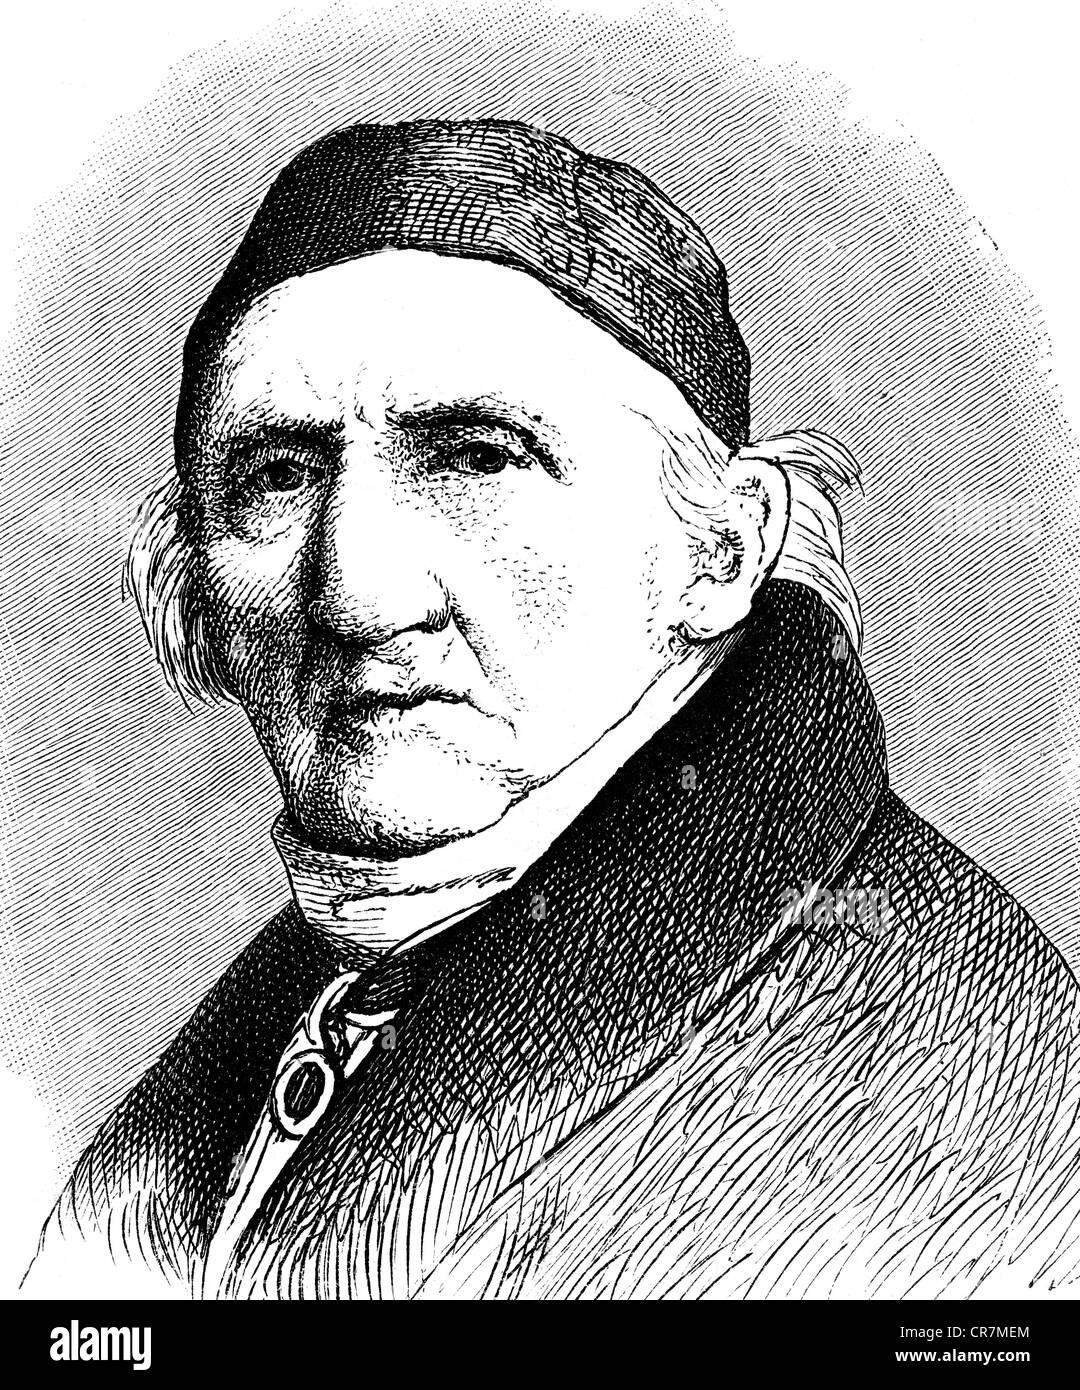 Schadow, Johann Gottfried, 20.5.1764 - 27.1.1850, escultor alemán y artista gráfico, retrato, grabado en madera, siglo 19, Foto de stock